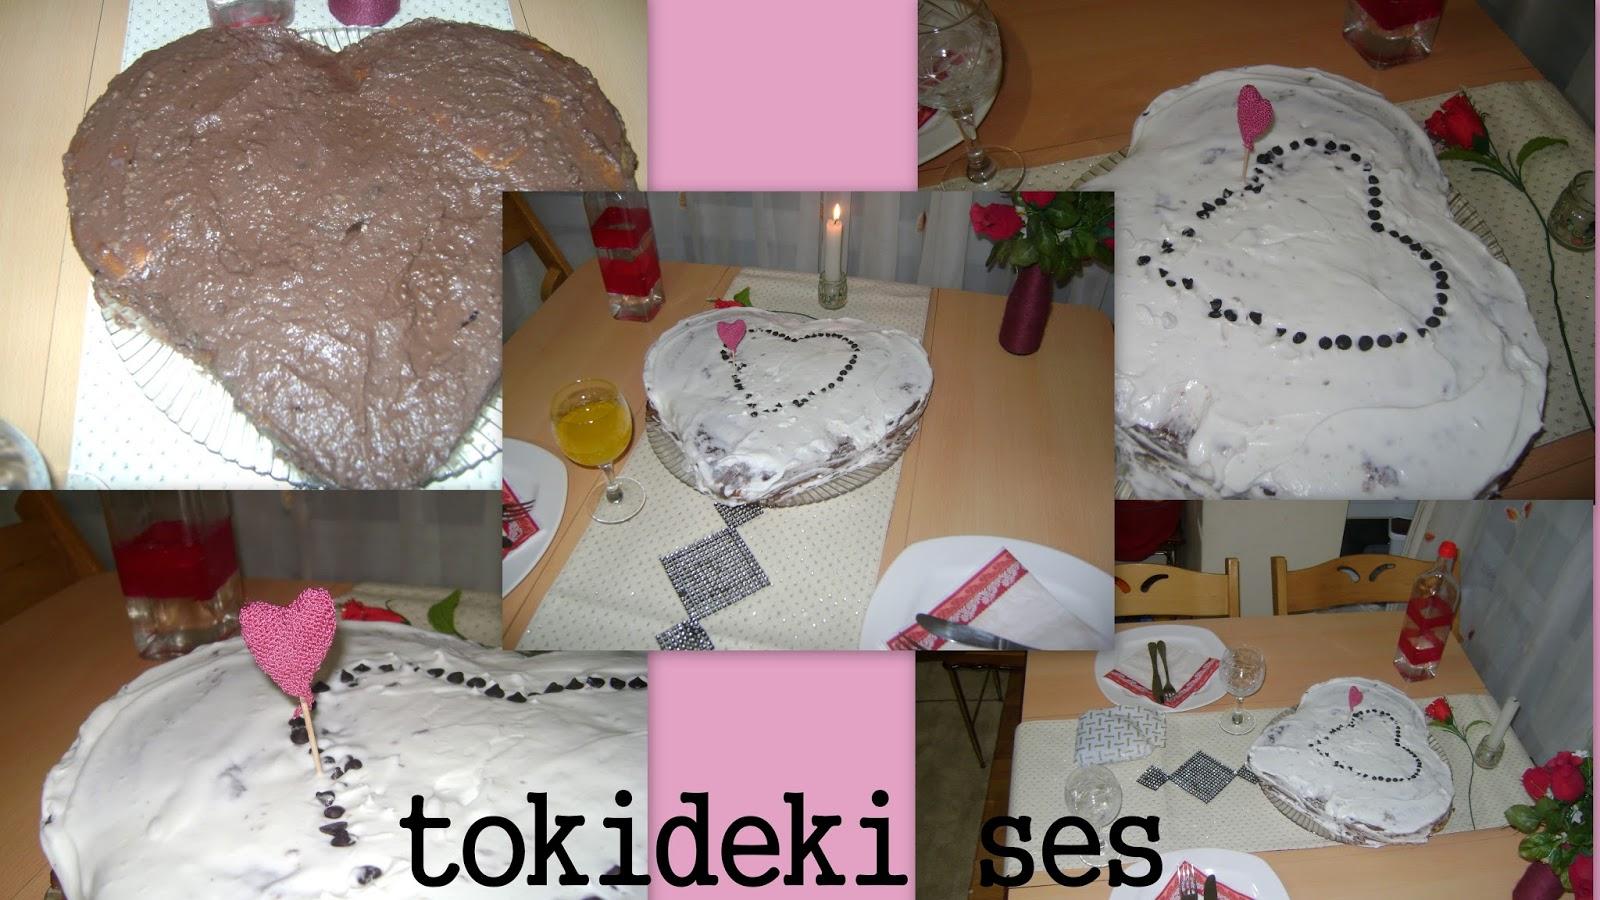 tokideki sesin sevgililer günü kutlaması,SEVGİLİLER GÜNÜ, özel gün, pasta, YAŞ PASTA, güzel masa, masa süslemesi, kalp, aile,